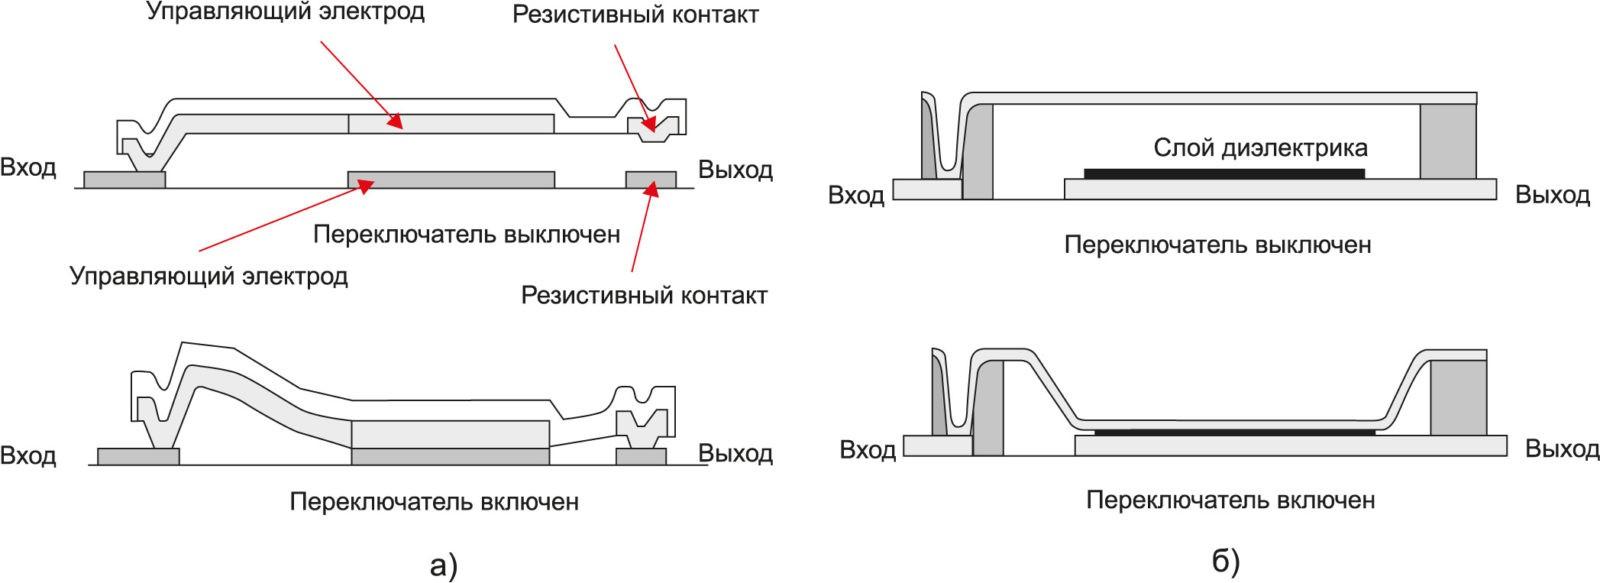 МЭМС-переключатели: кантилевер с резистивным контактом; мембрана с емкостным контактом